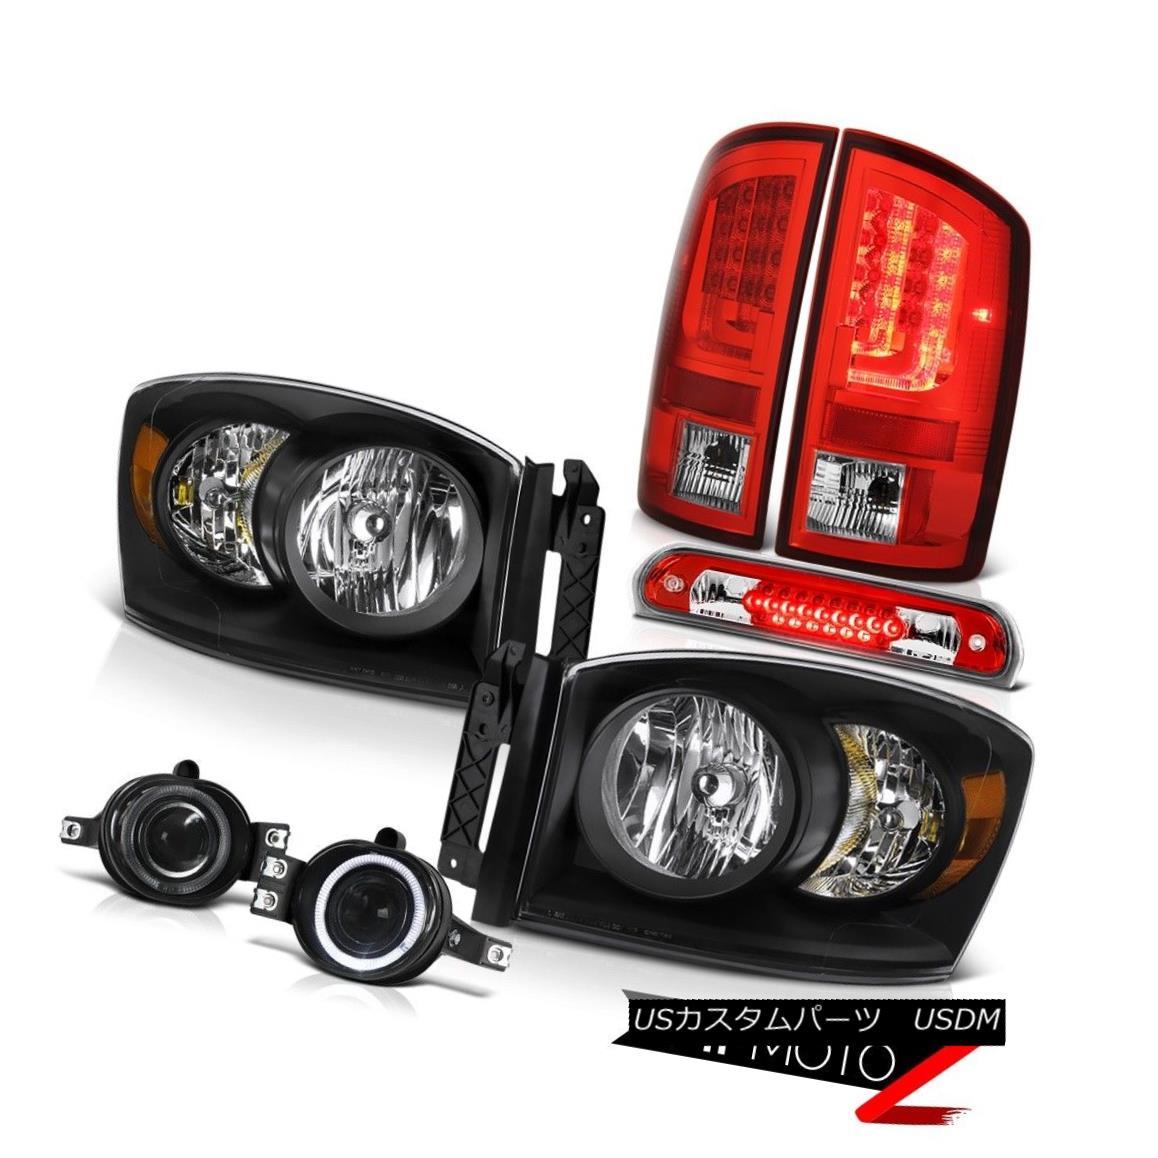 テールライト 07-08 Dodge Ram 1500 WS Taillamps Headlights Foglamps 3RD Brake Light Assembly 07-08ダッジラム1500 WSタイヤランプヘッドライトフォグランプ3RDブレーキライトアセンブリ